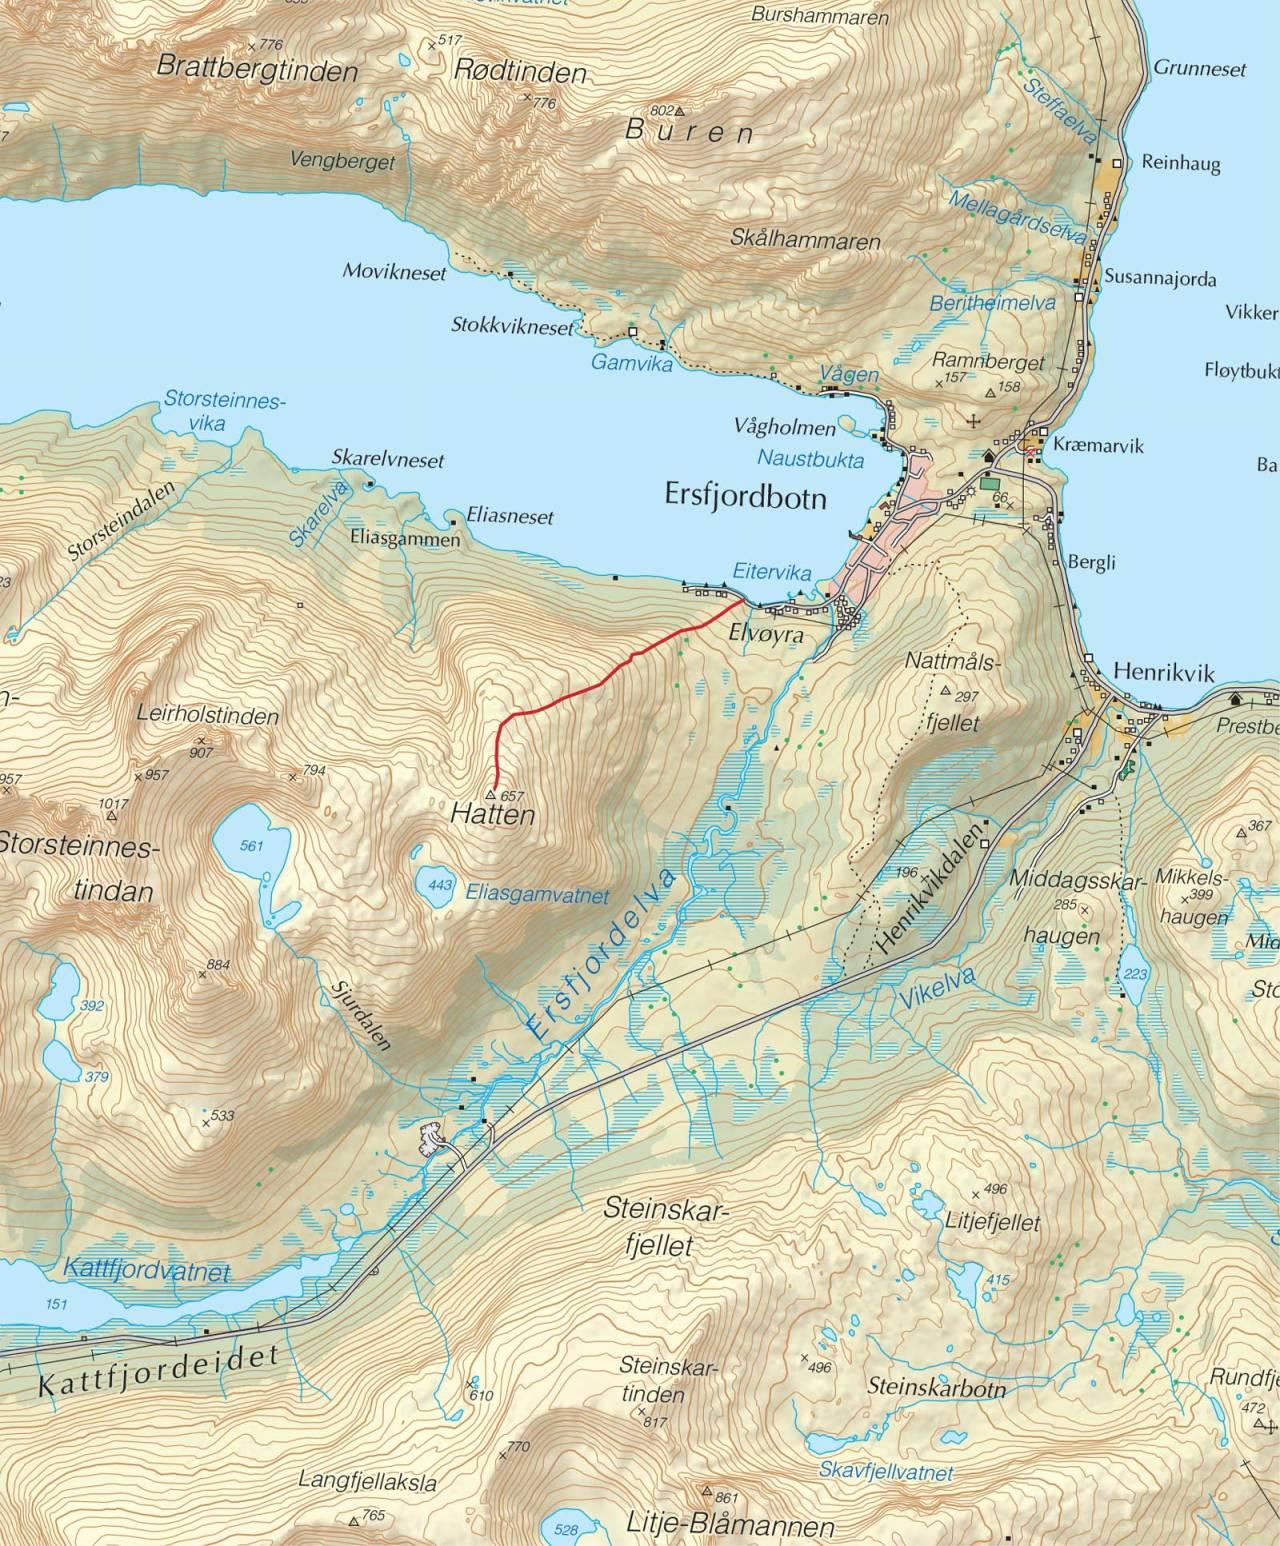 Kart over Hatten med inntegnet rute. Fra Trygge toppturer.